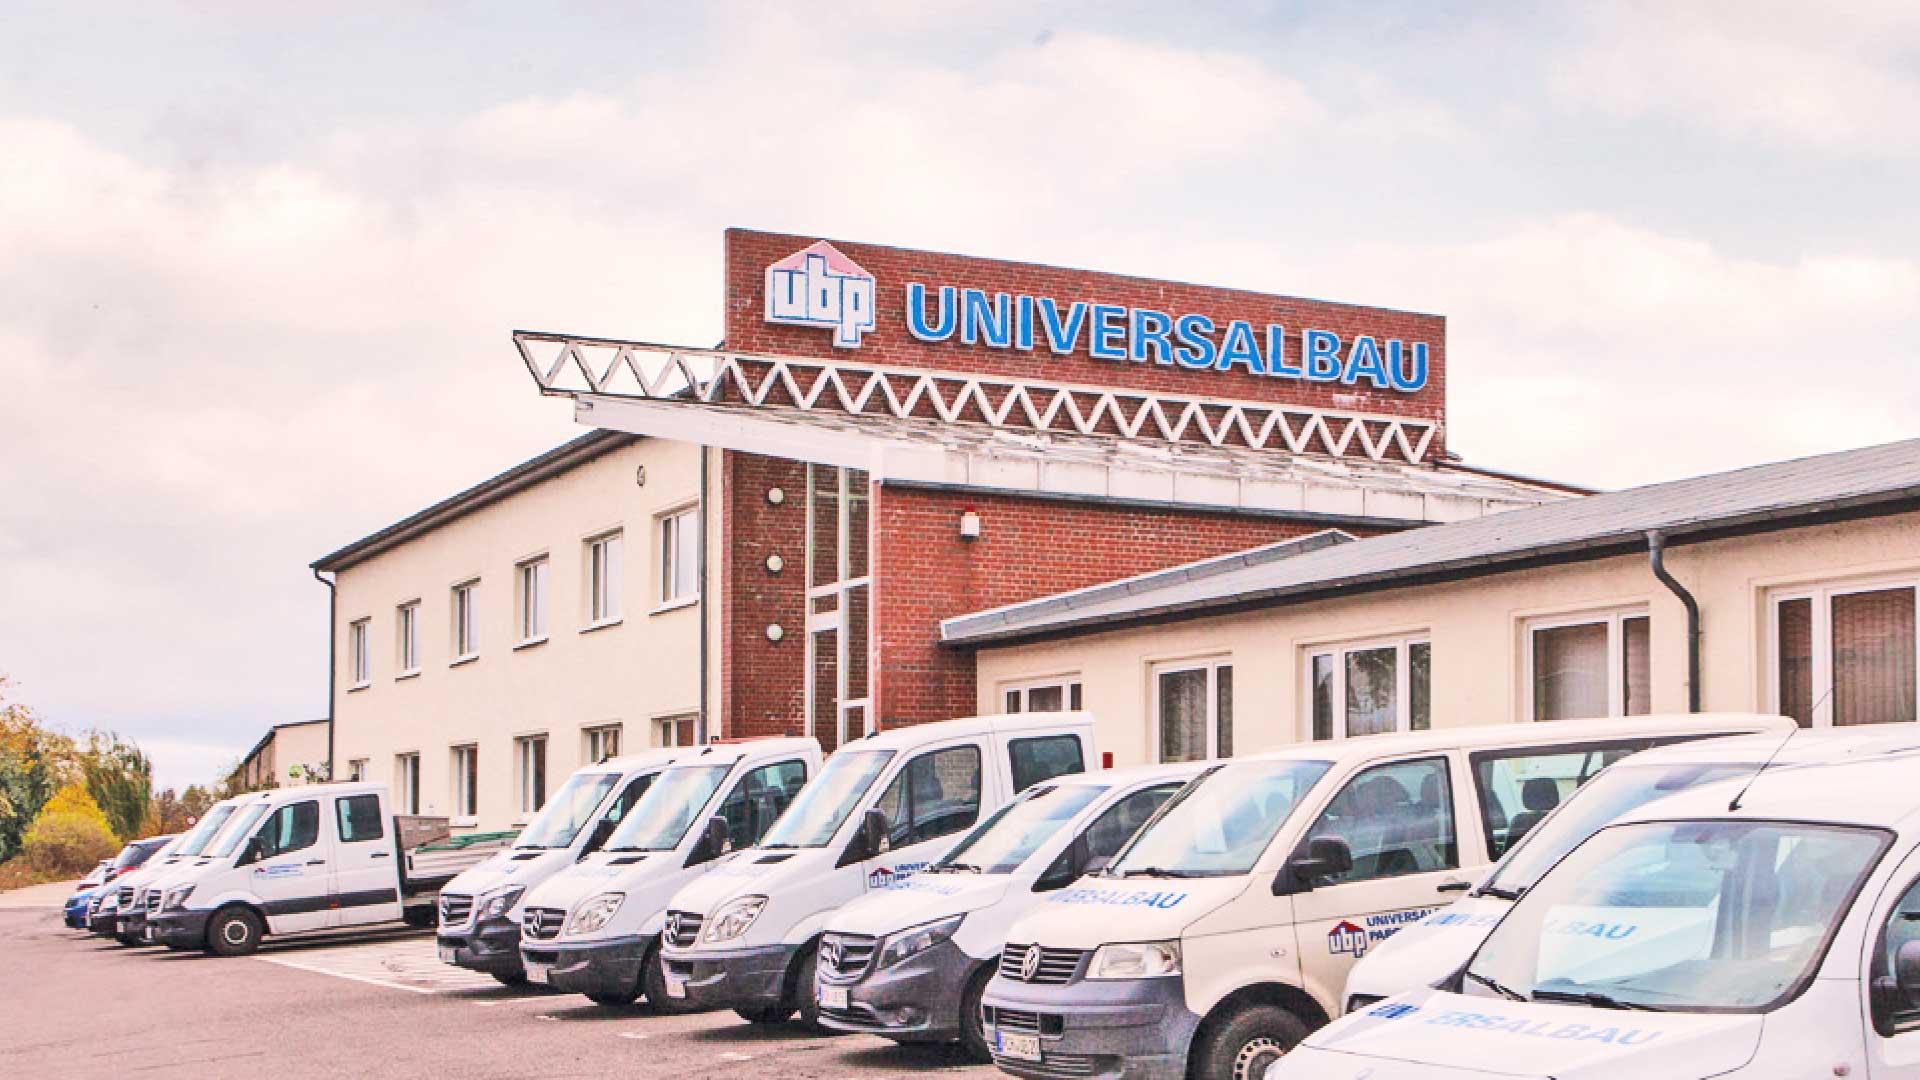 Firmengebäude der Universalbau Parchim GmbH